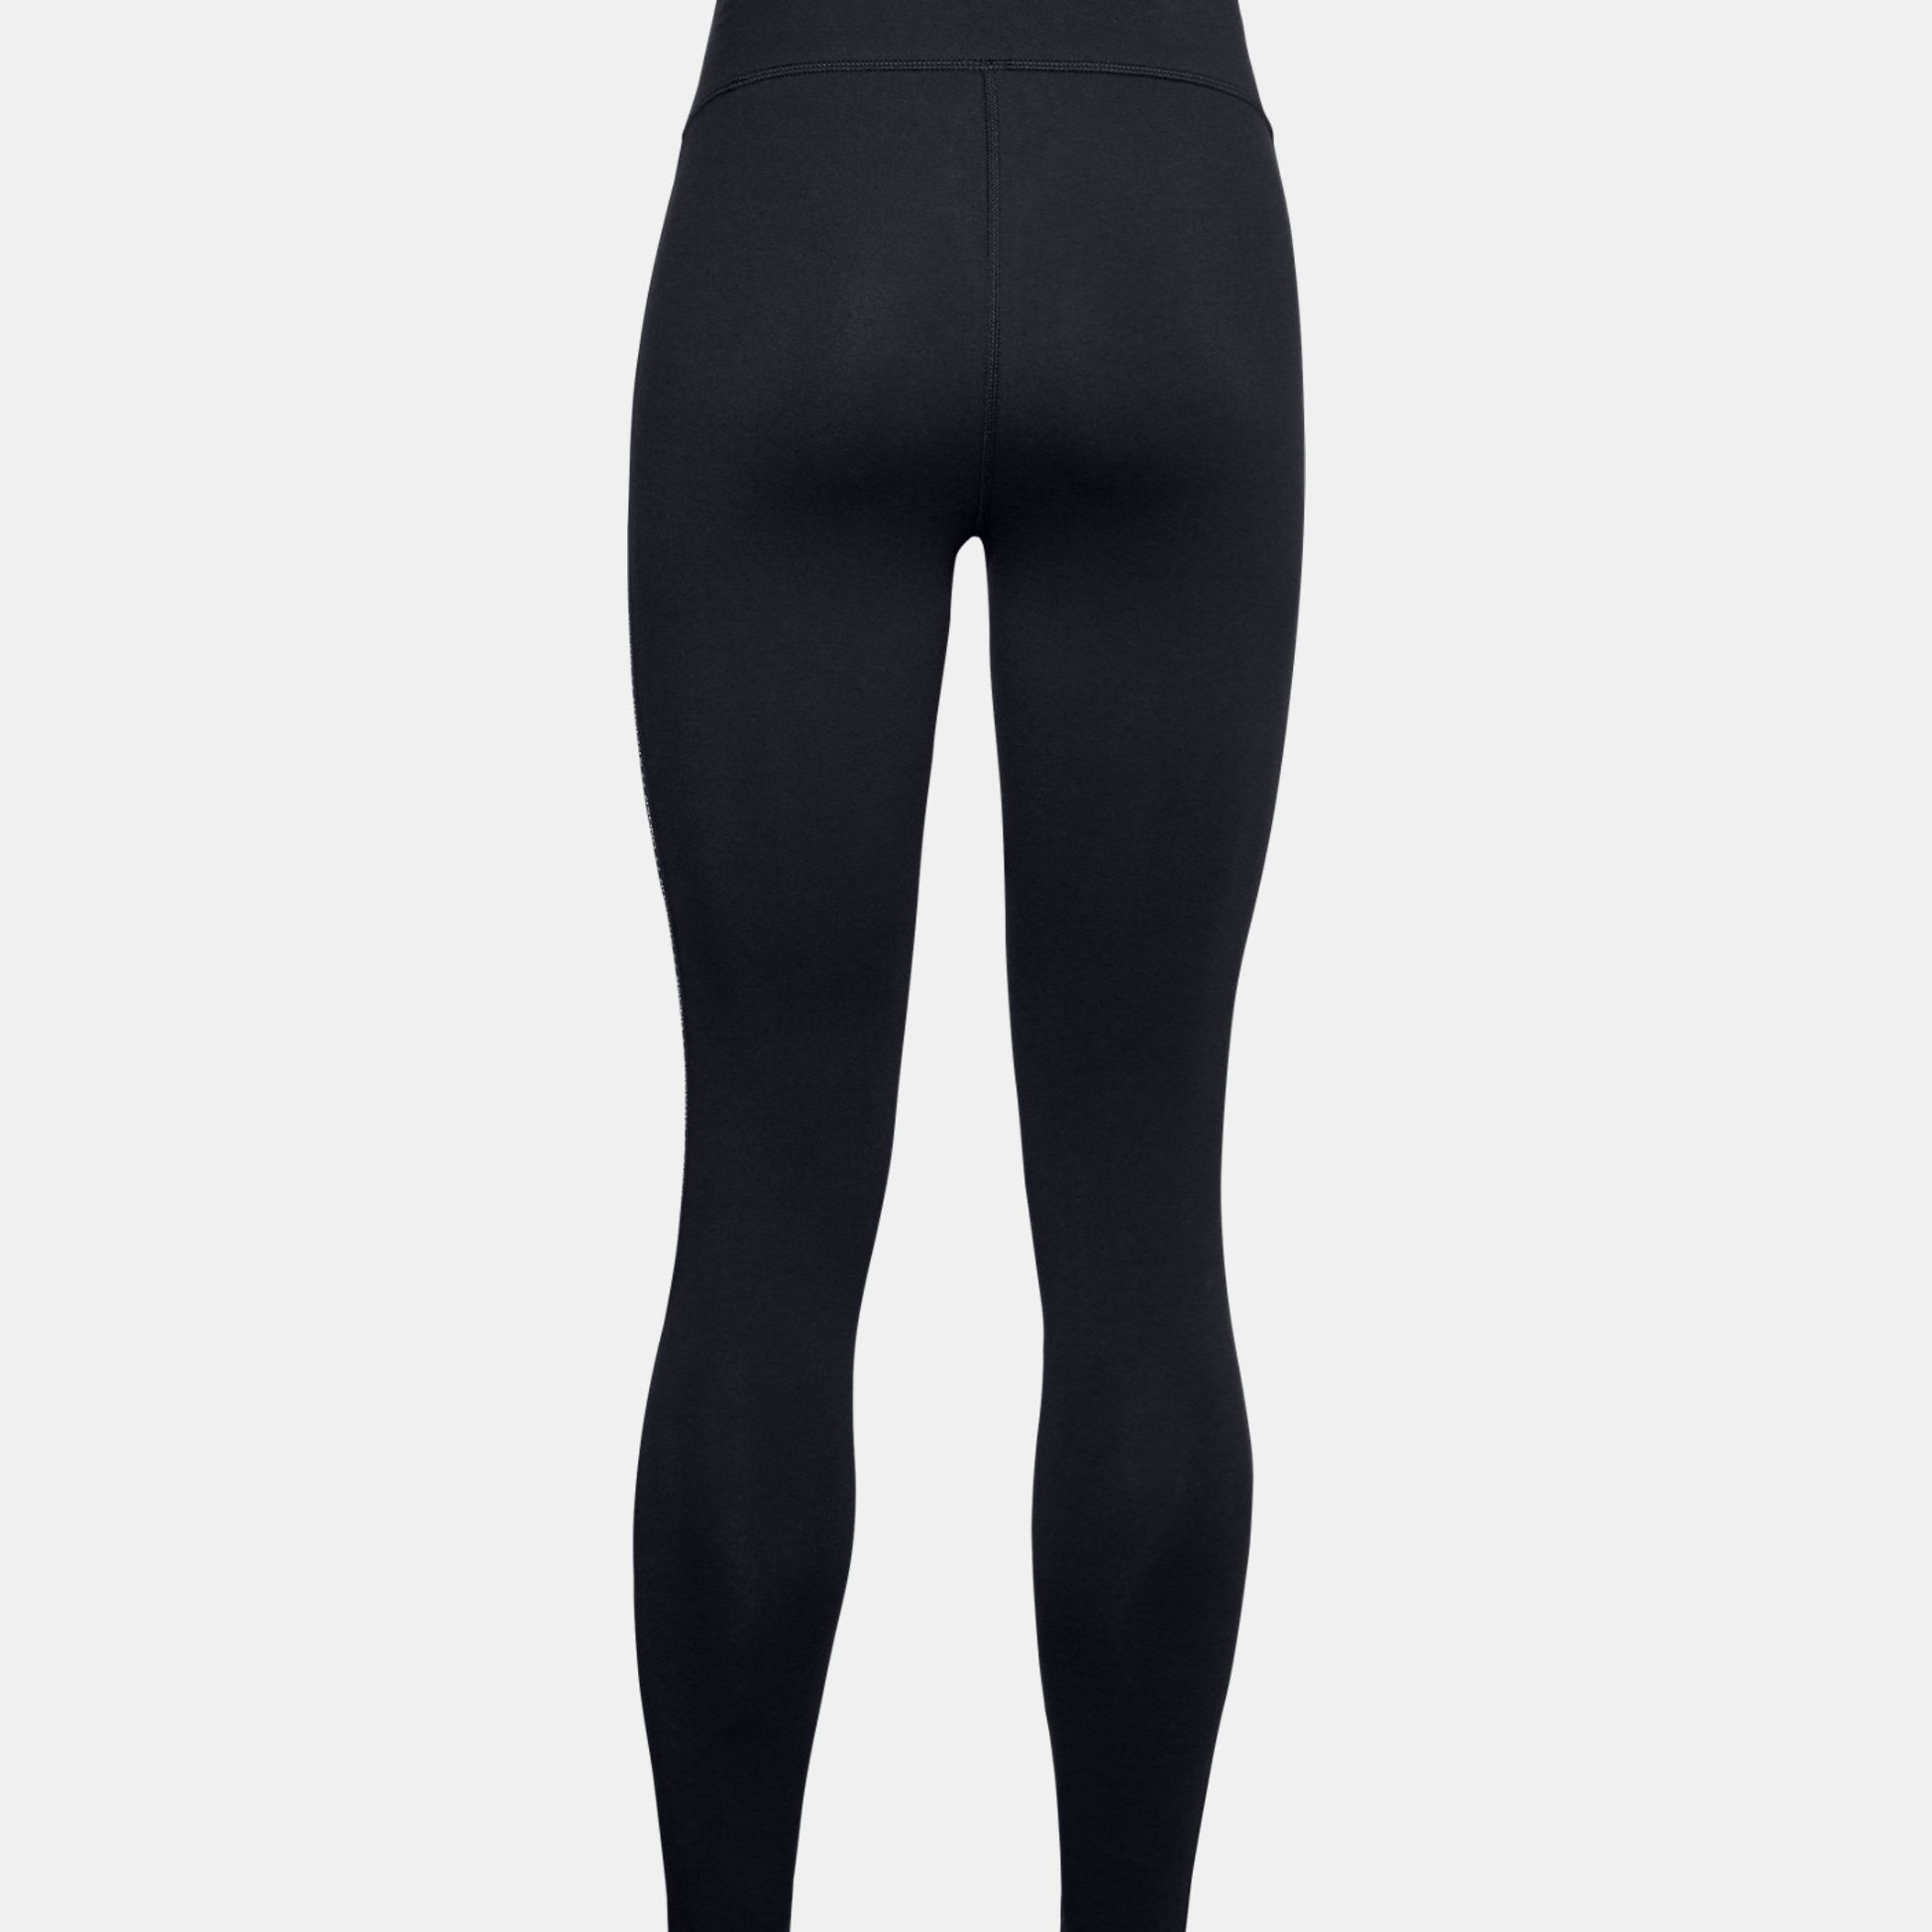 Îmbrăcăminte -  under armour UA Favorite Hi-Rise Leggings